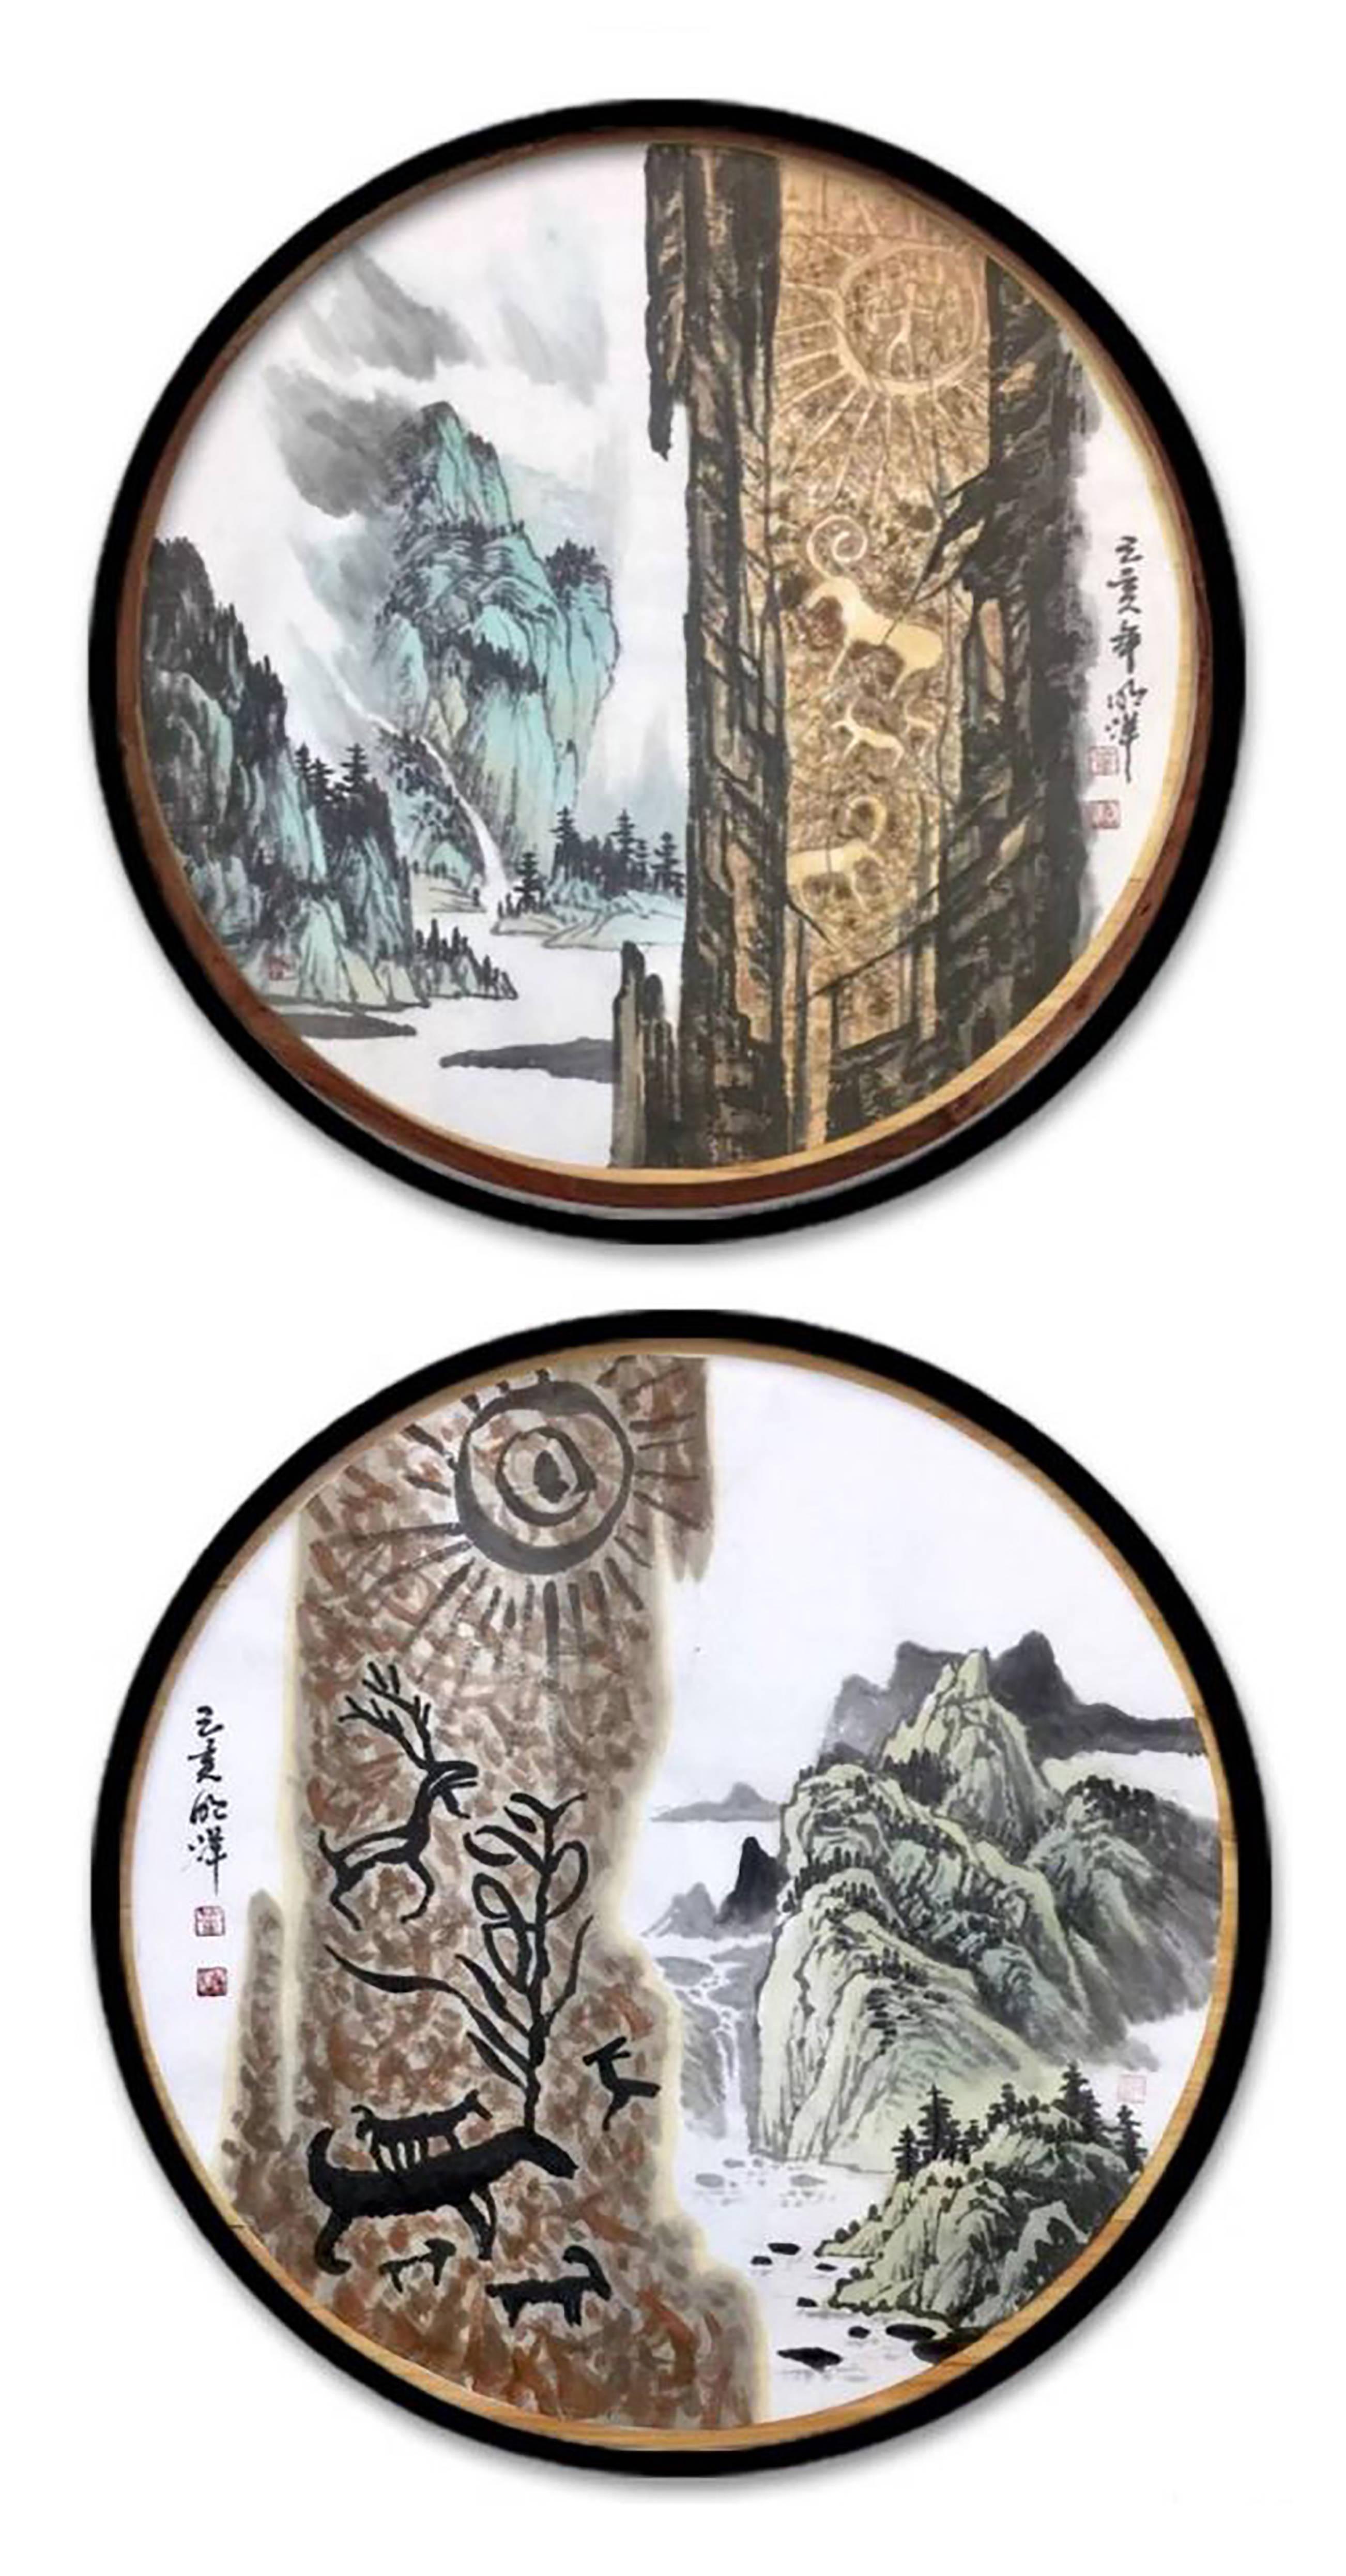 [画家朗格]2020年董明洋作品拍卖及画廊价格